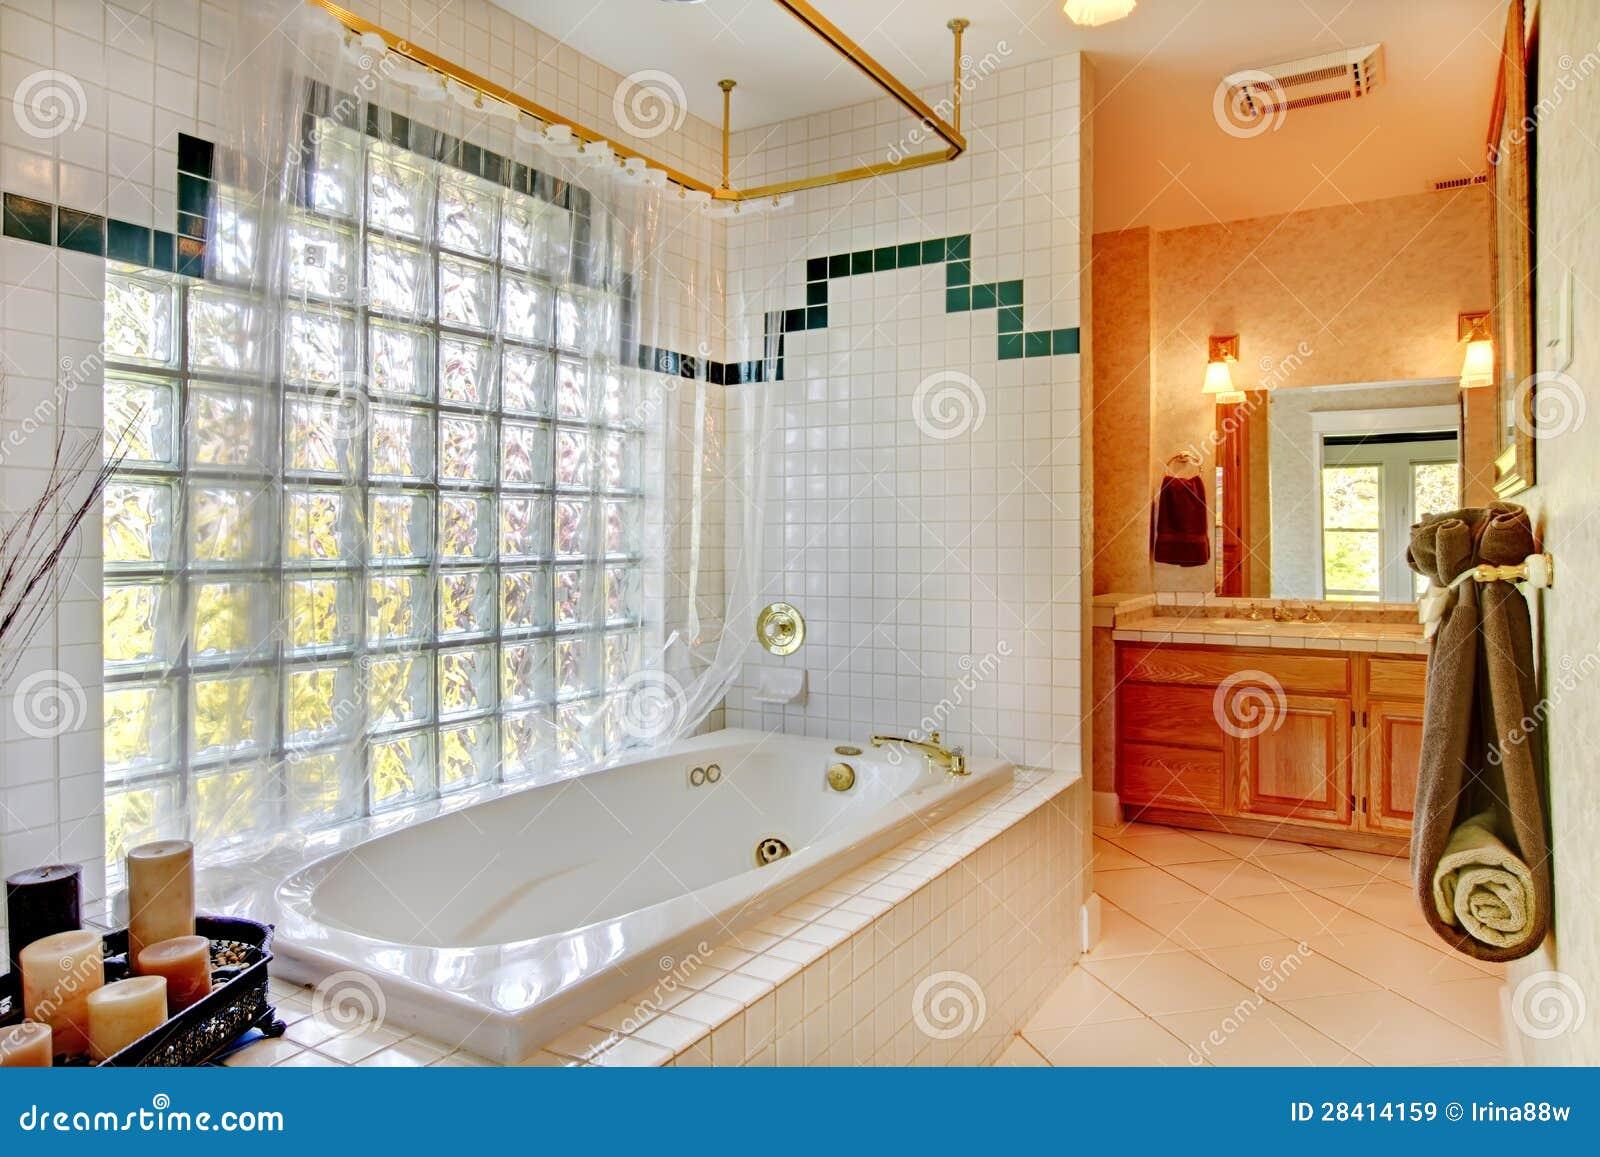 salle de bains avec le mur de verre et le baquet images libres de droits image 28414159. Black Bedroom Furniture Sets. Home Design Ideas